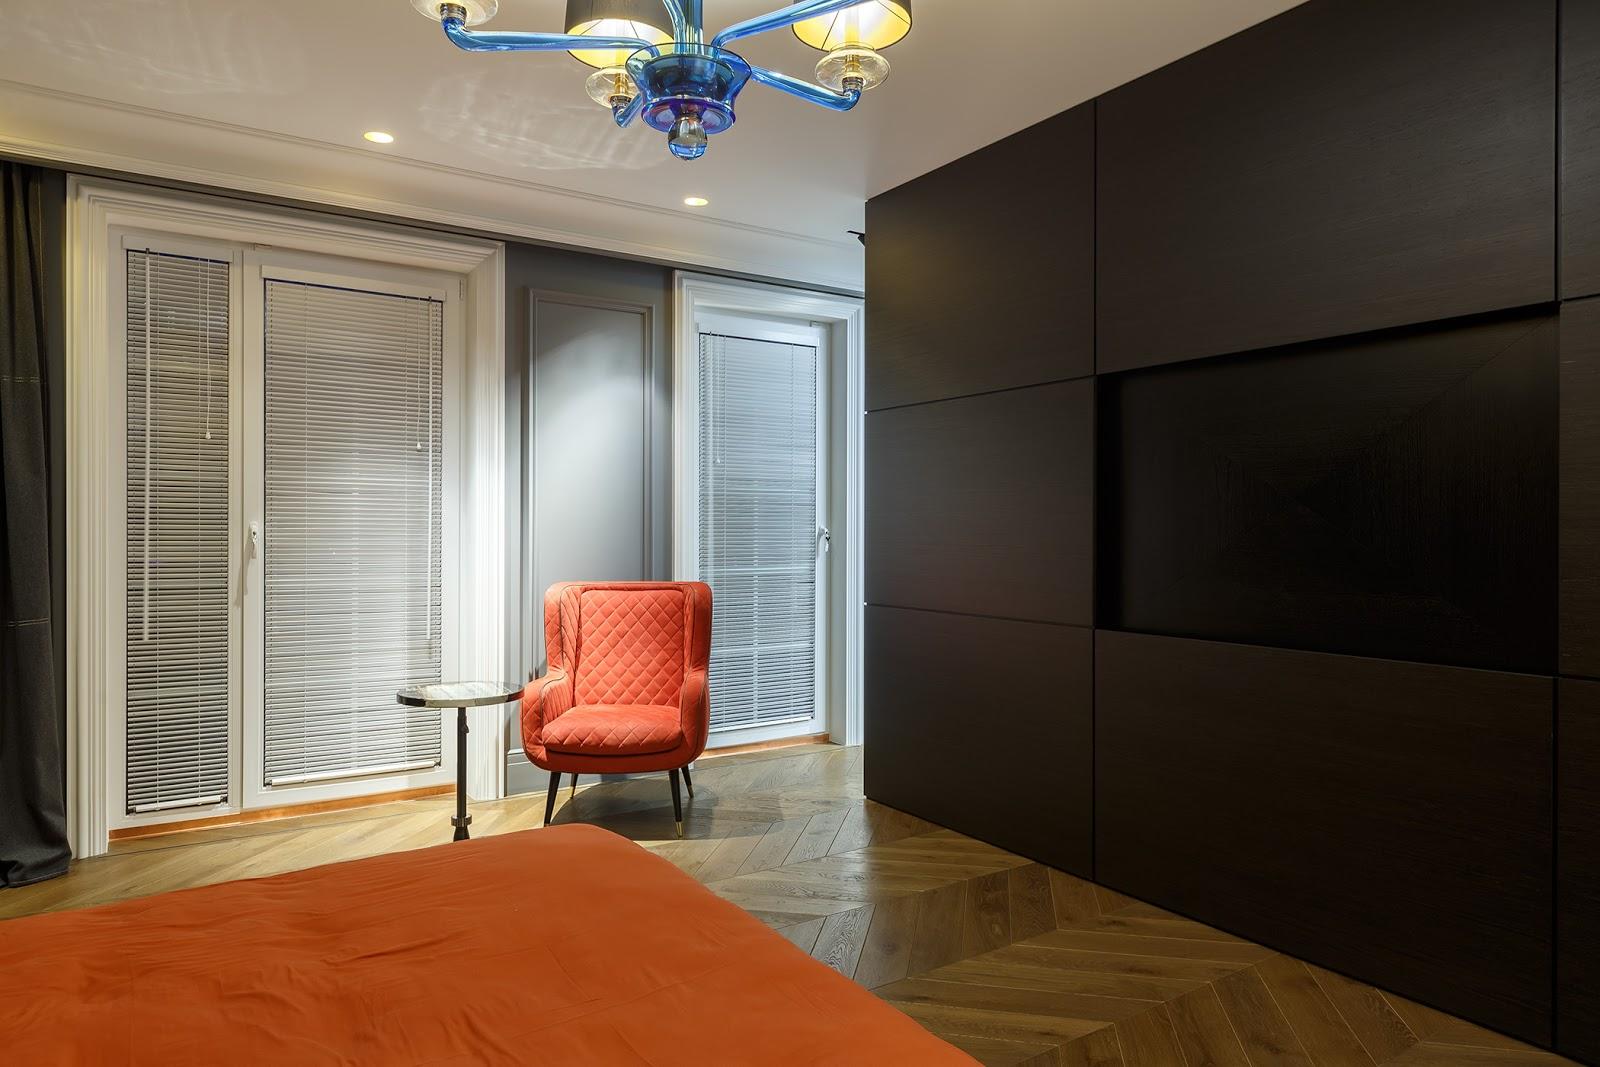 deltalight 1 01 - Лайфхаки: как преобразить комнату с помощью света